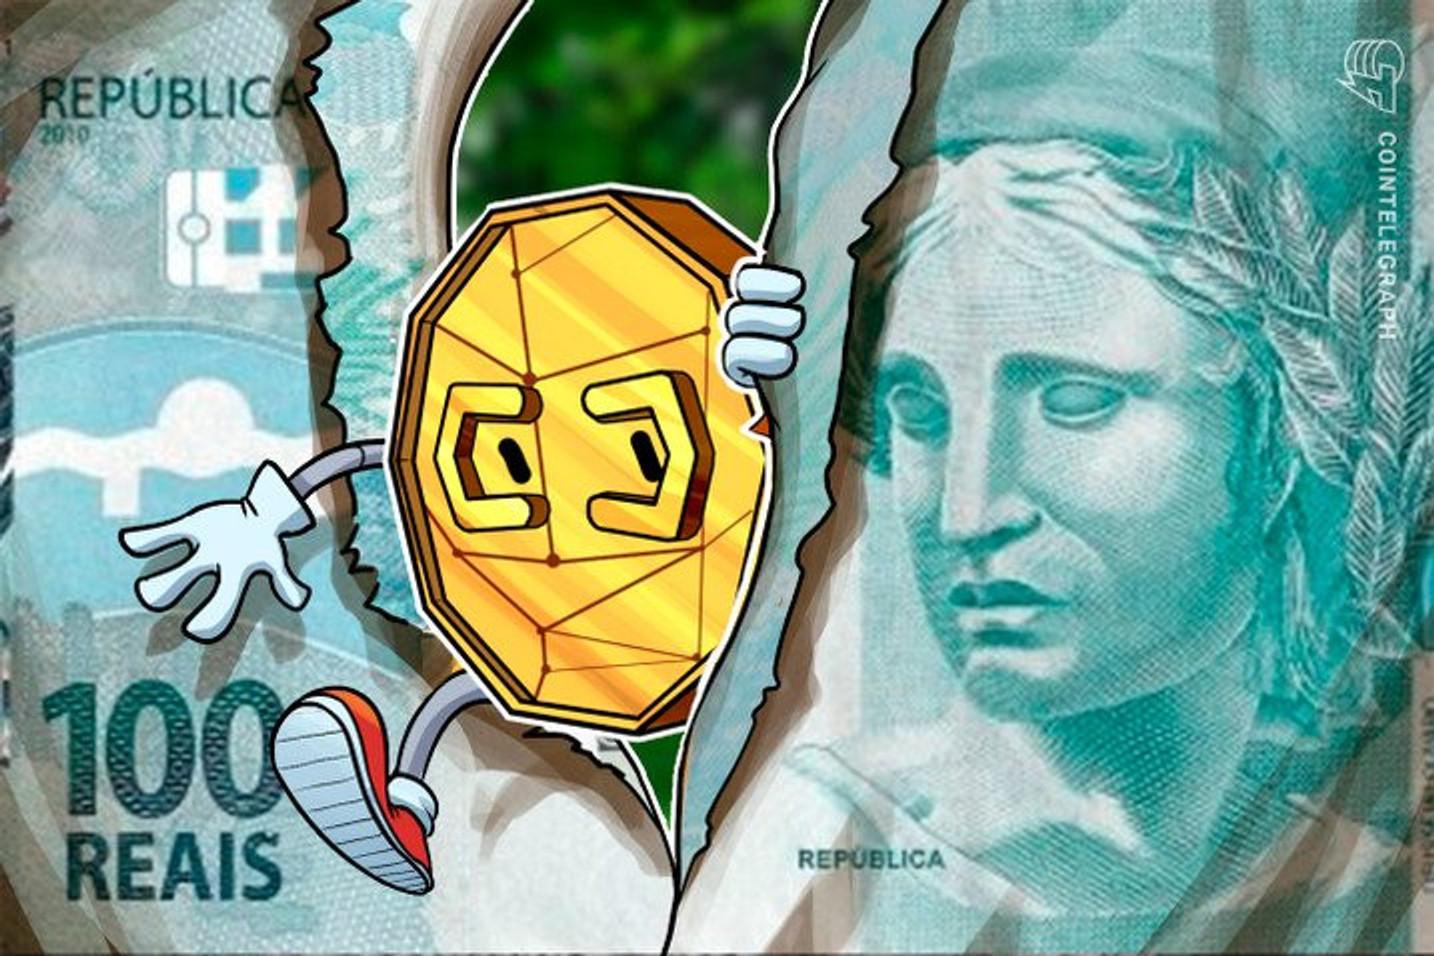 Banco Central define grupo de servidores que pode transformar o real brasileiro em uma moeda digital